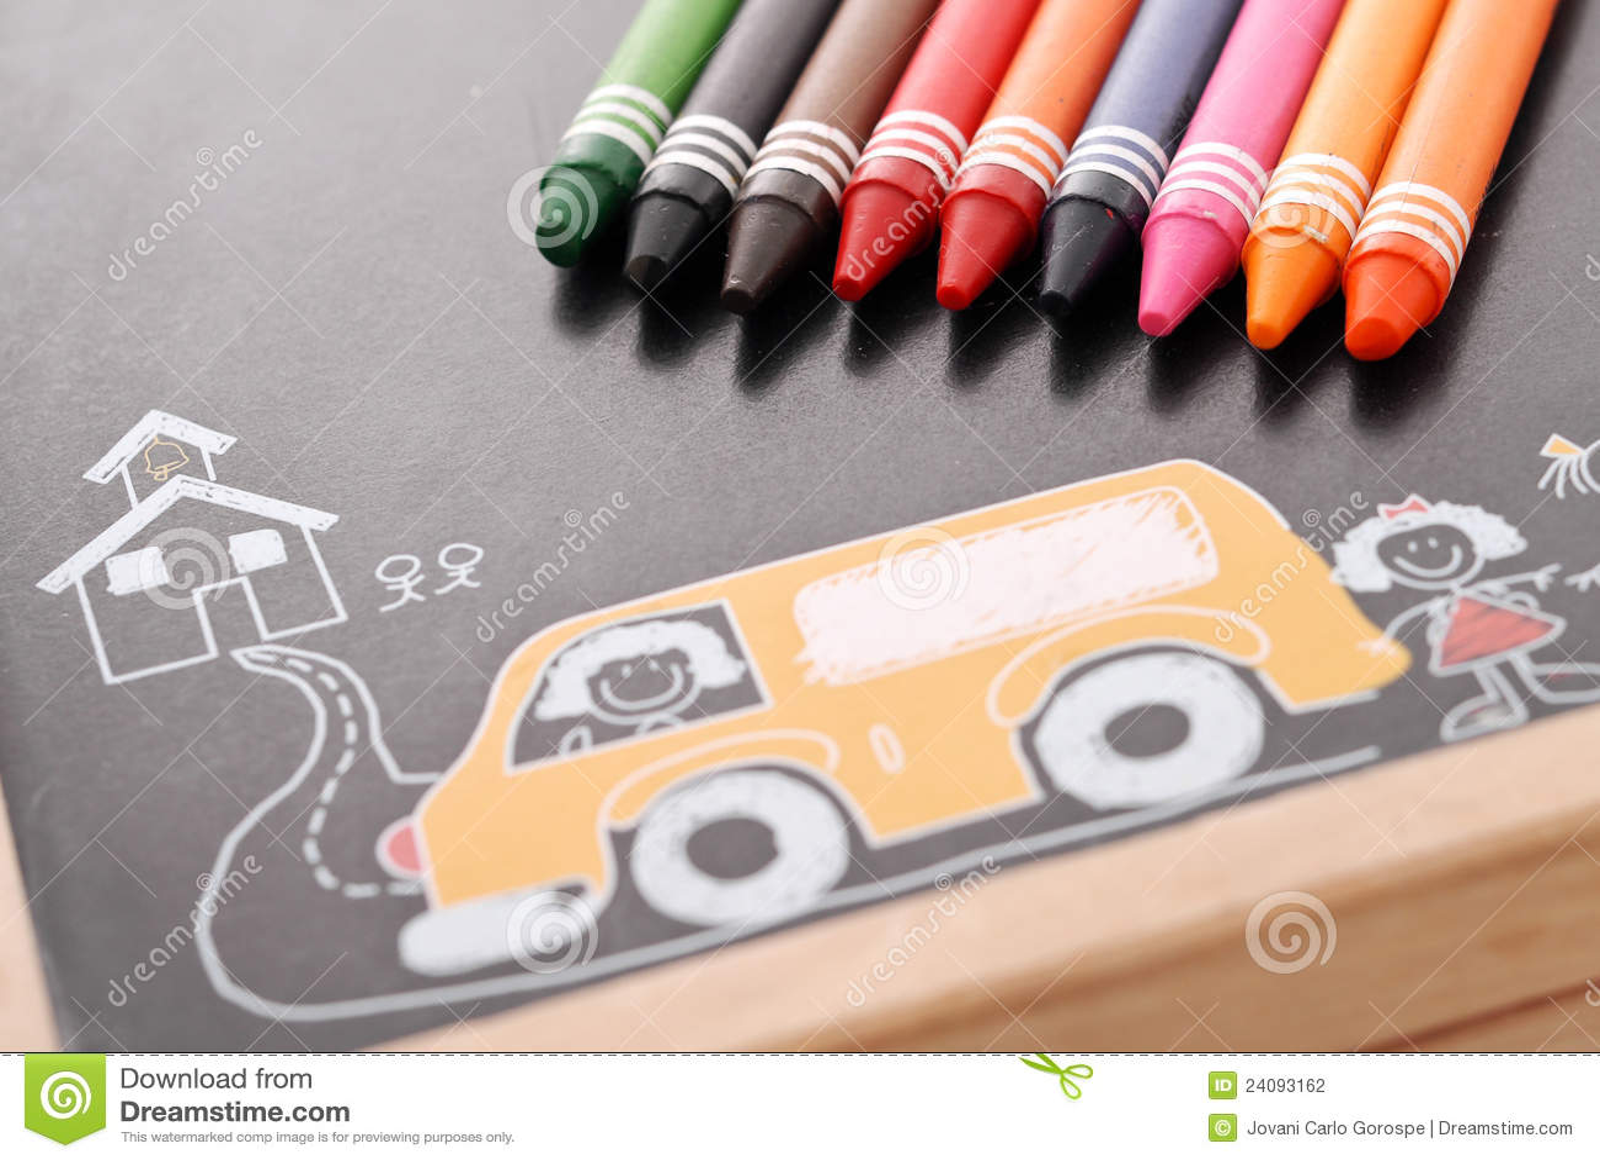 Aprendizaje de colores foto de archivo. Imagen de creyón - 24093162